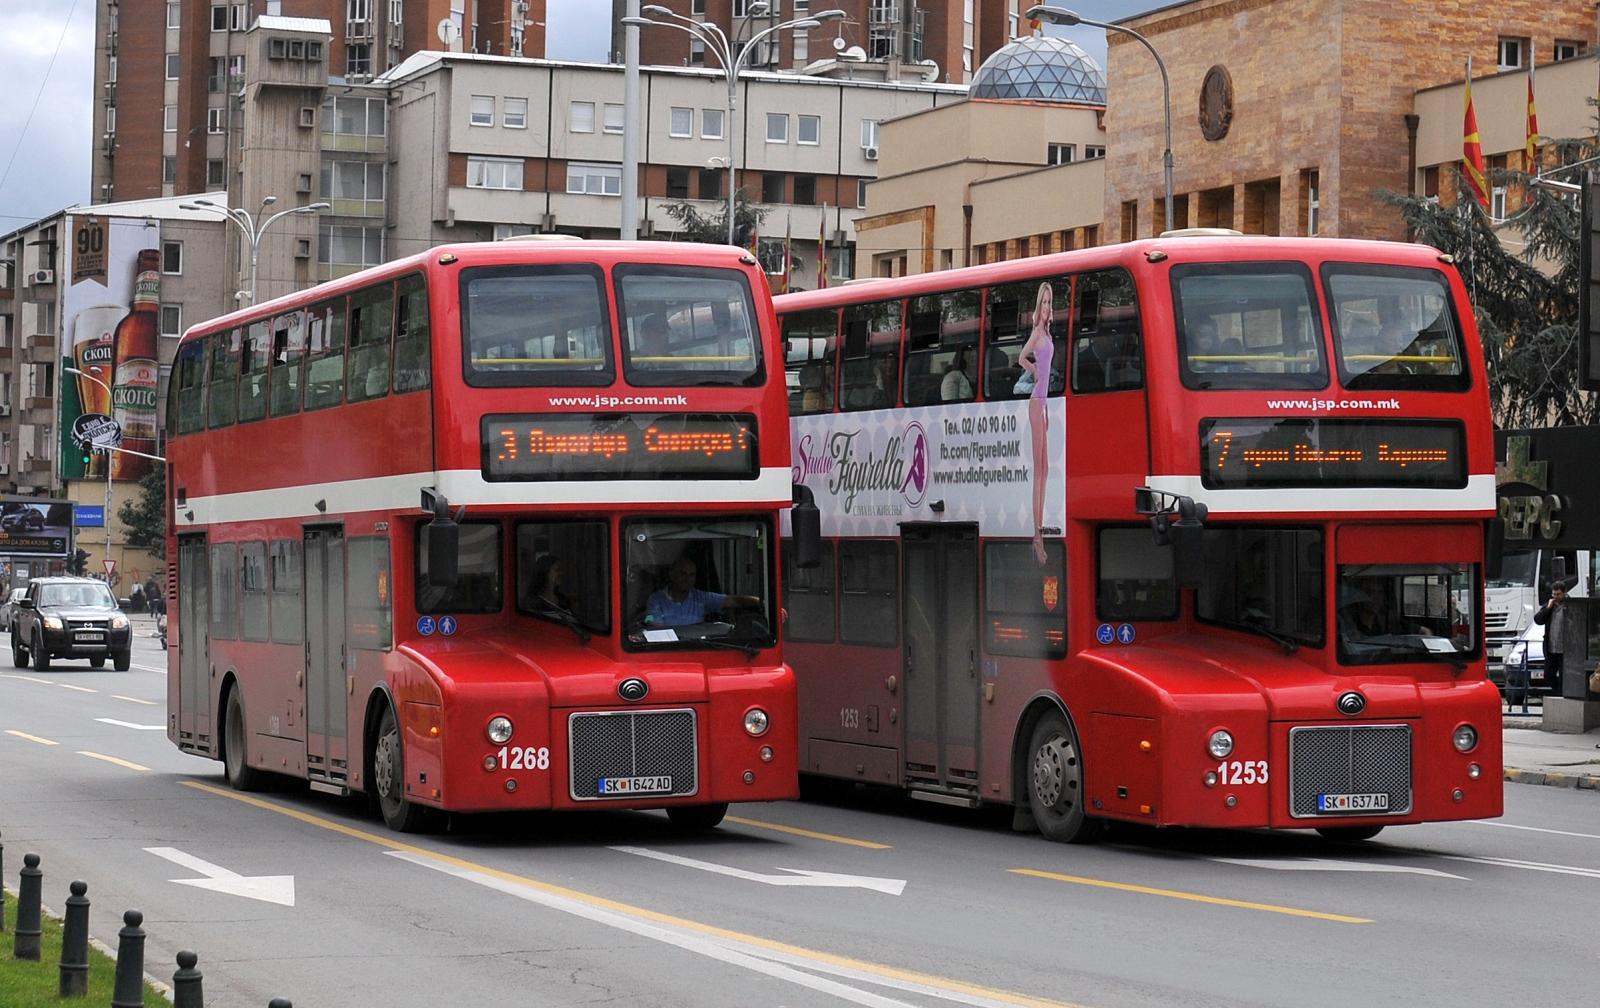 Поради загадувањето јавниот превоз во Скопје од денеска е бесплатен